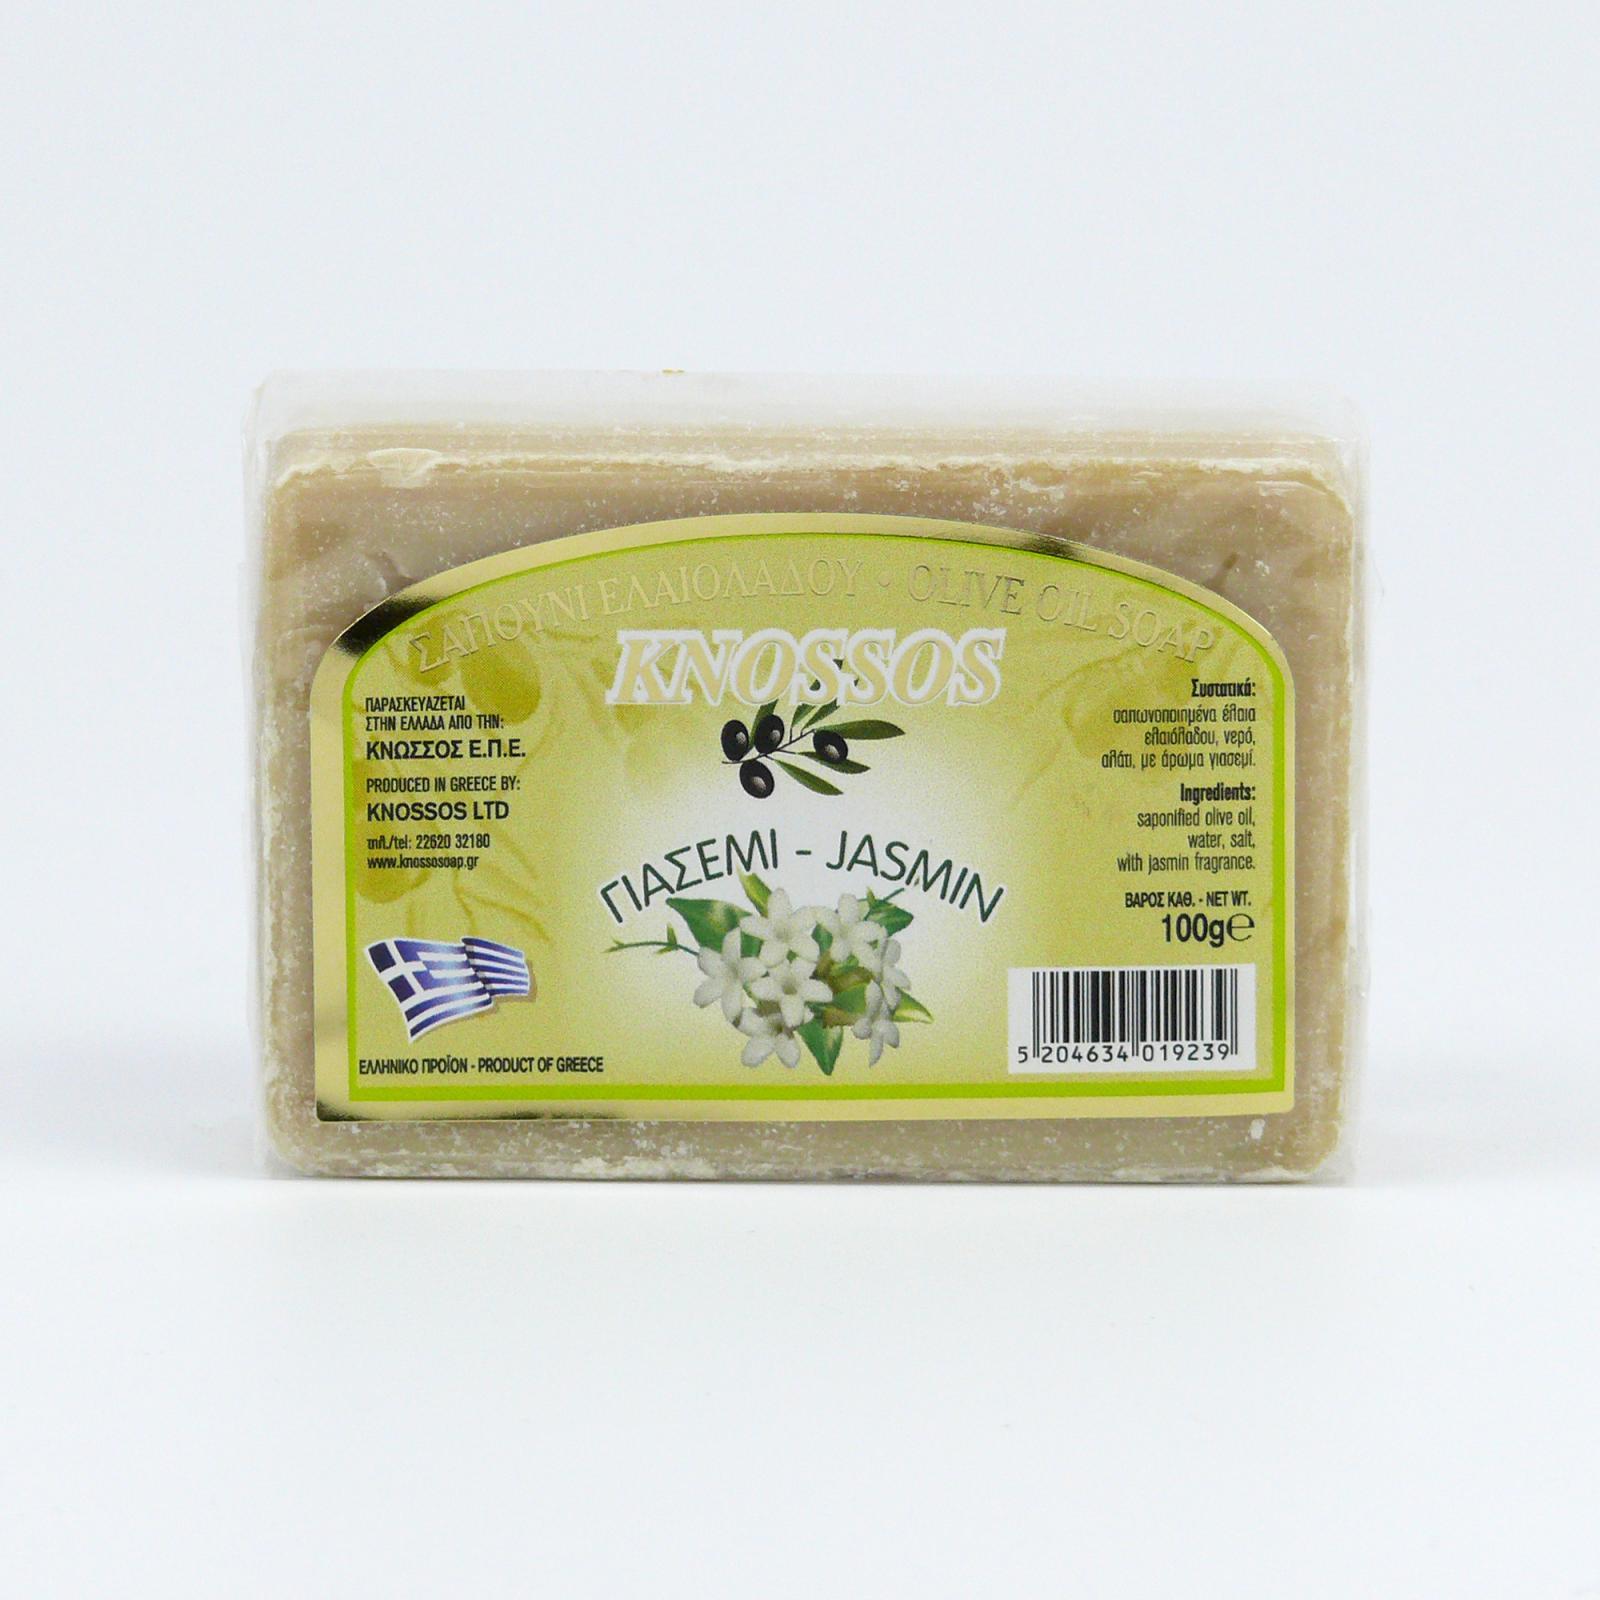 Knossos Mýdlo tuhé olivové, jasmín 100 g